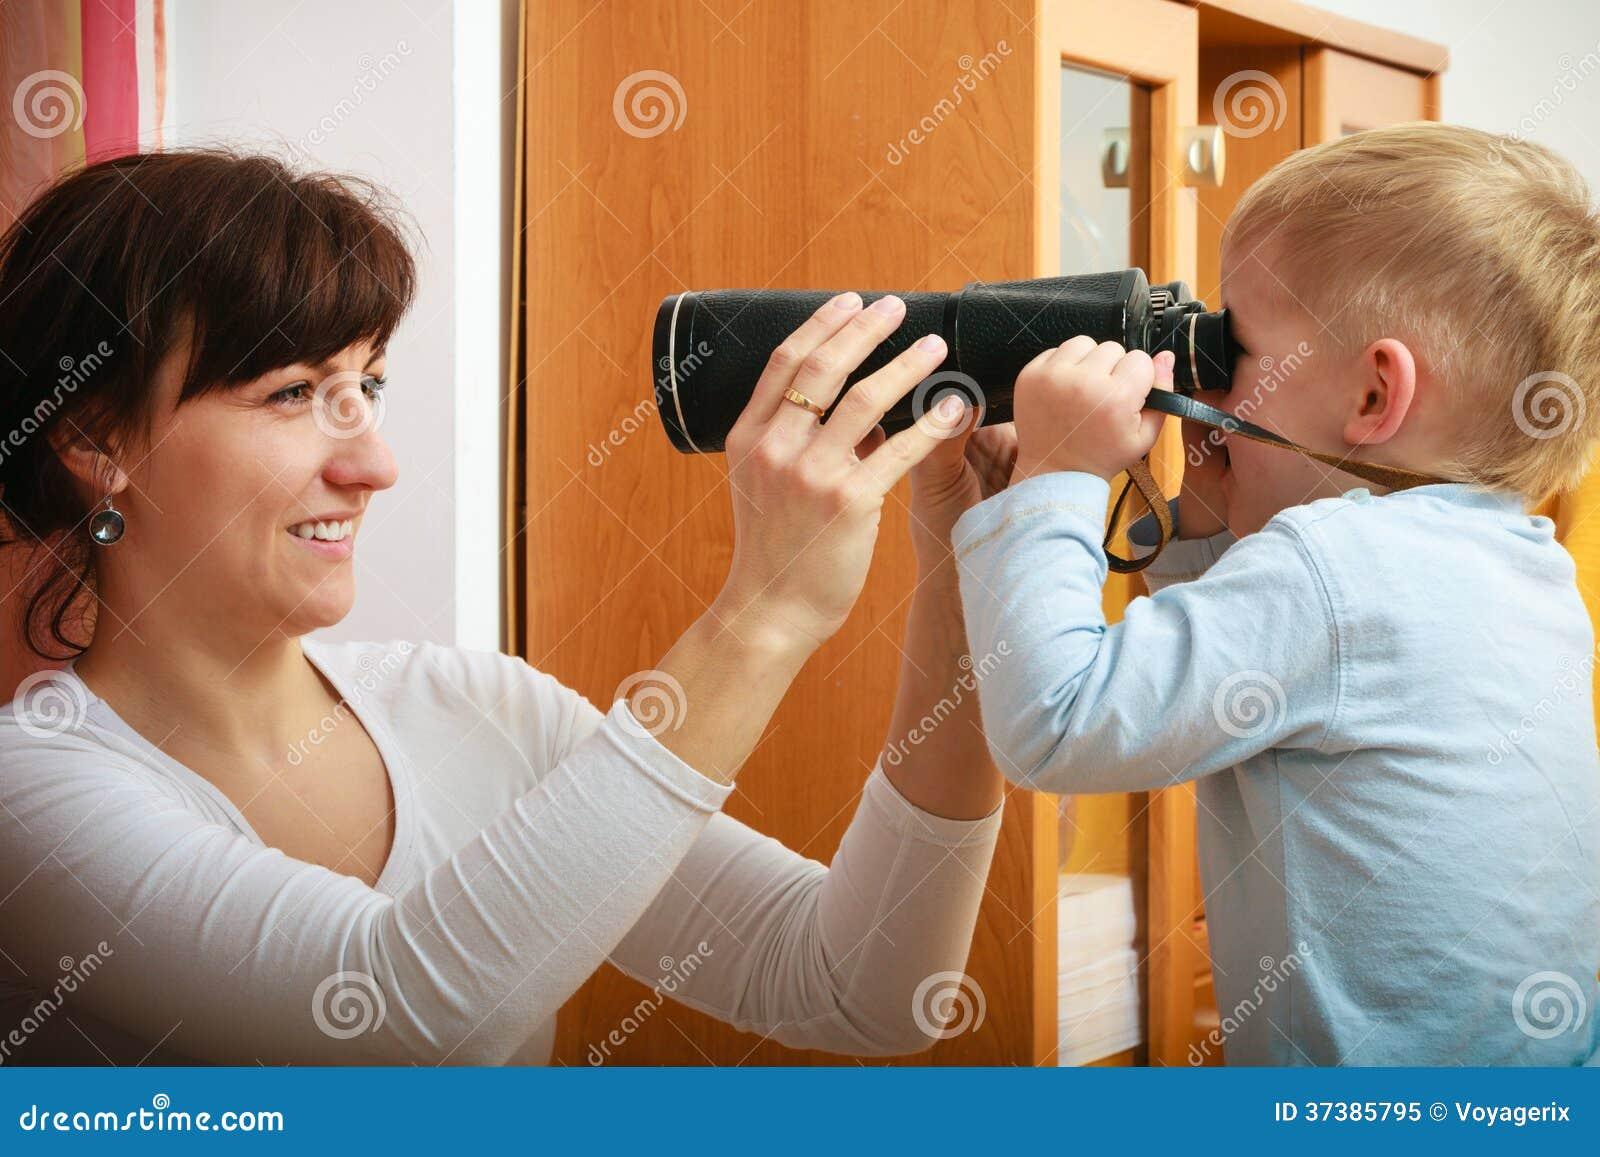 Jungenkinderkindersohn mit der Kamera, die Foto seine Mutter nimmt. Zu Hause.